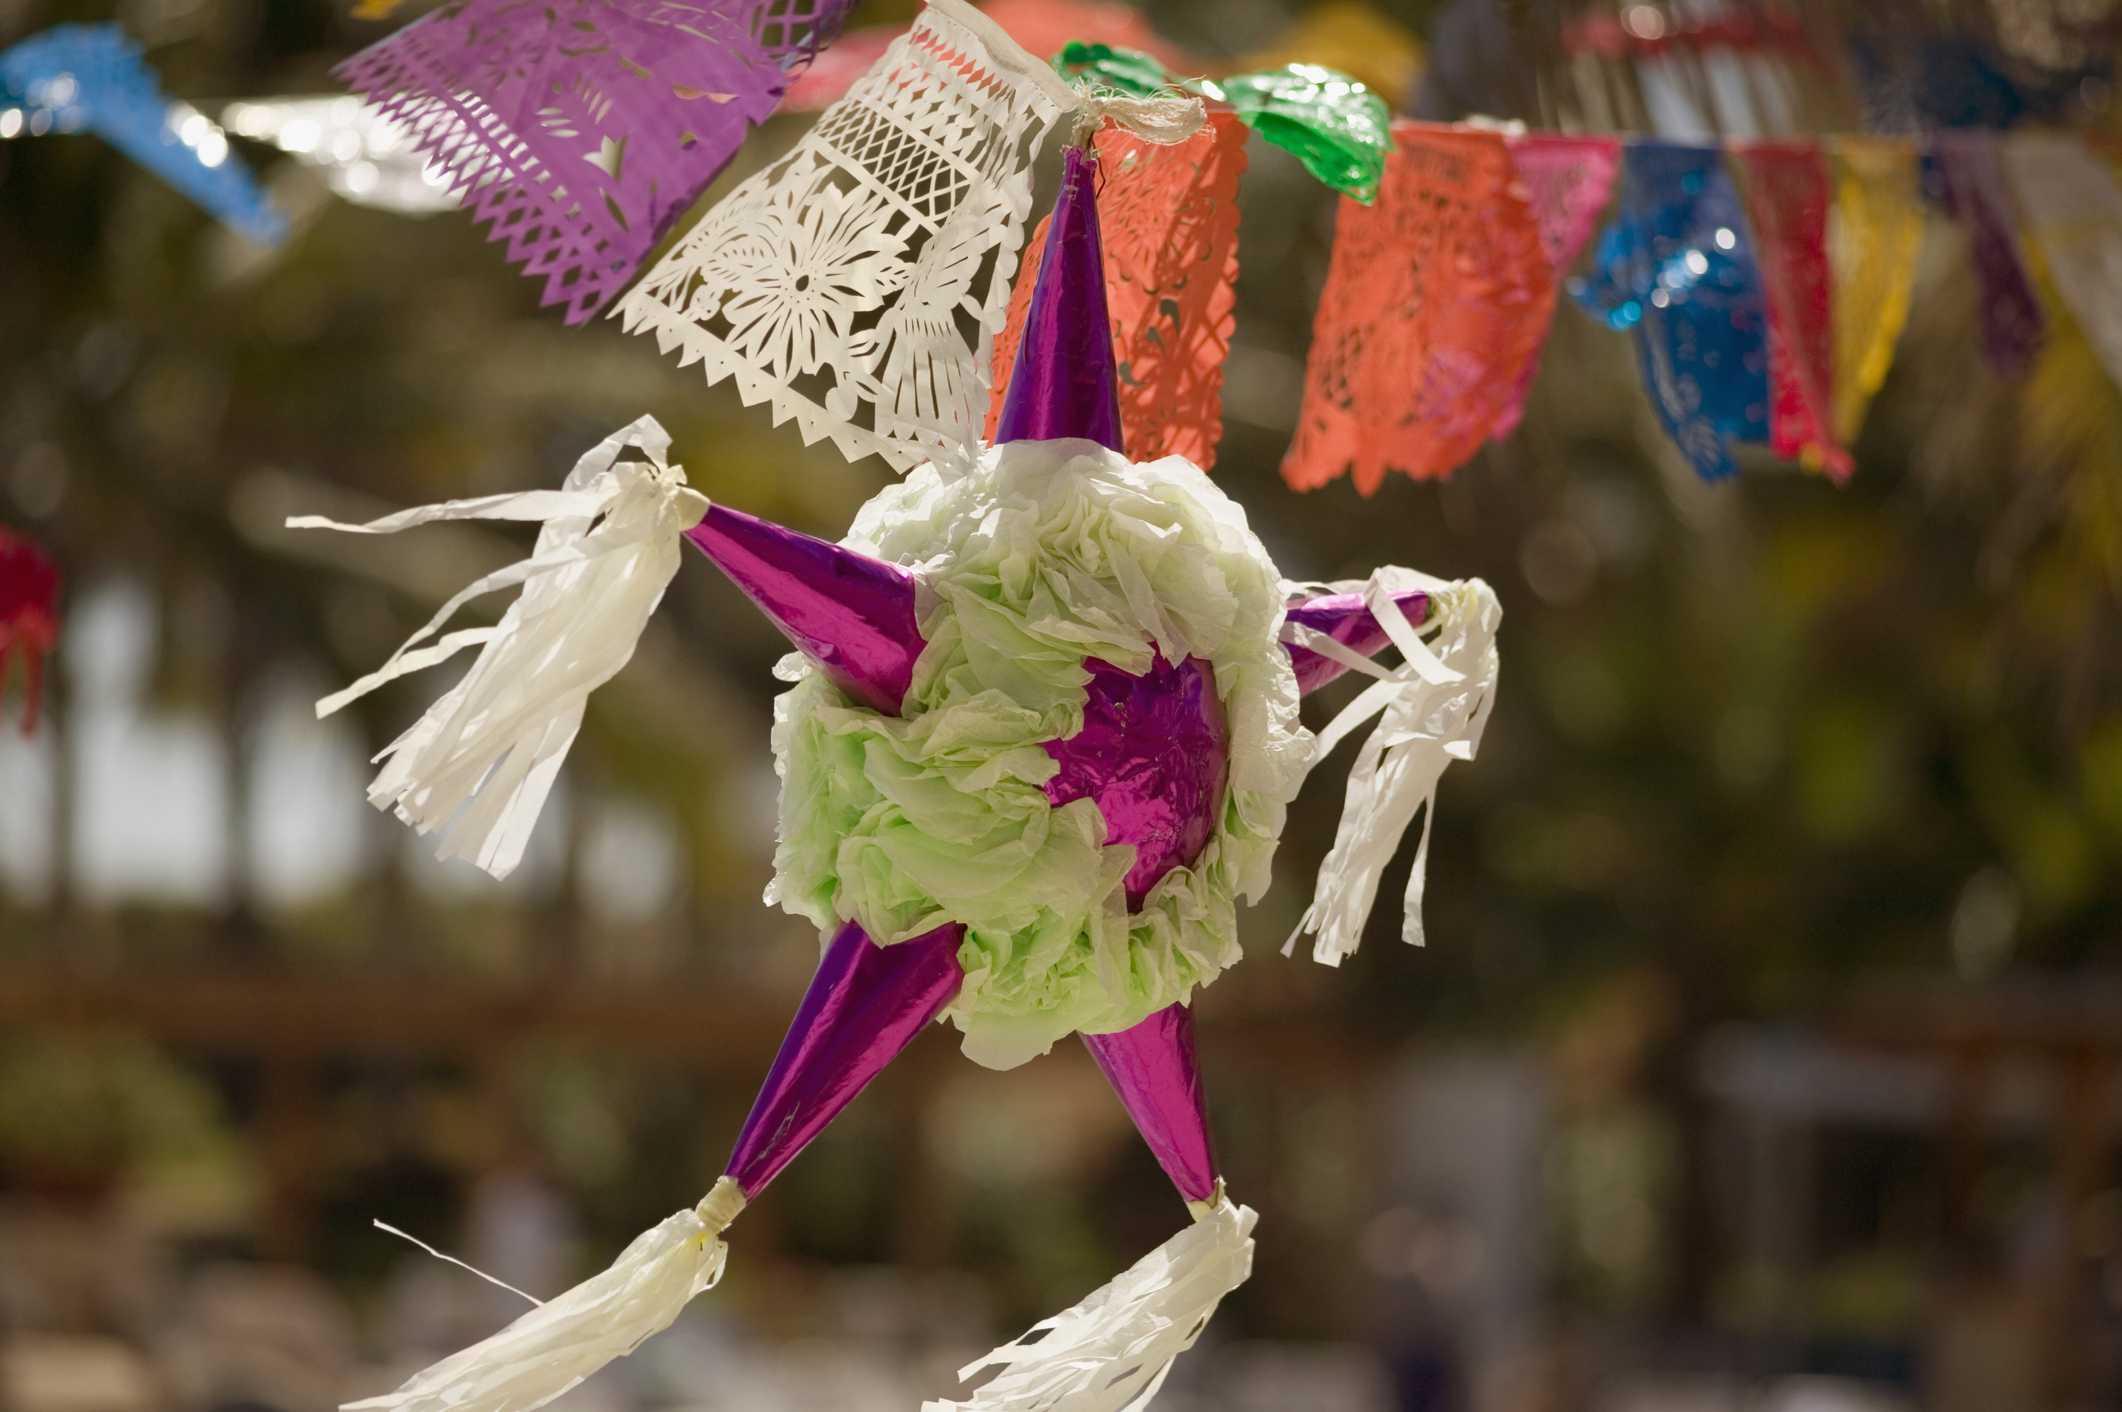 A star shaped piñata